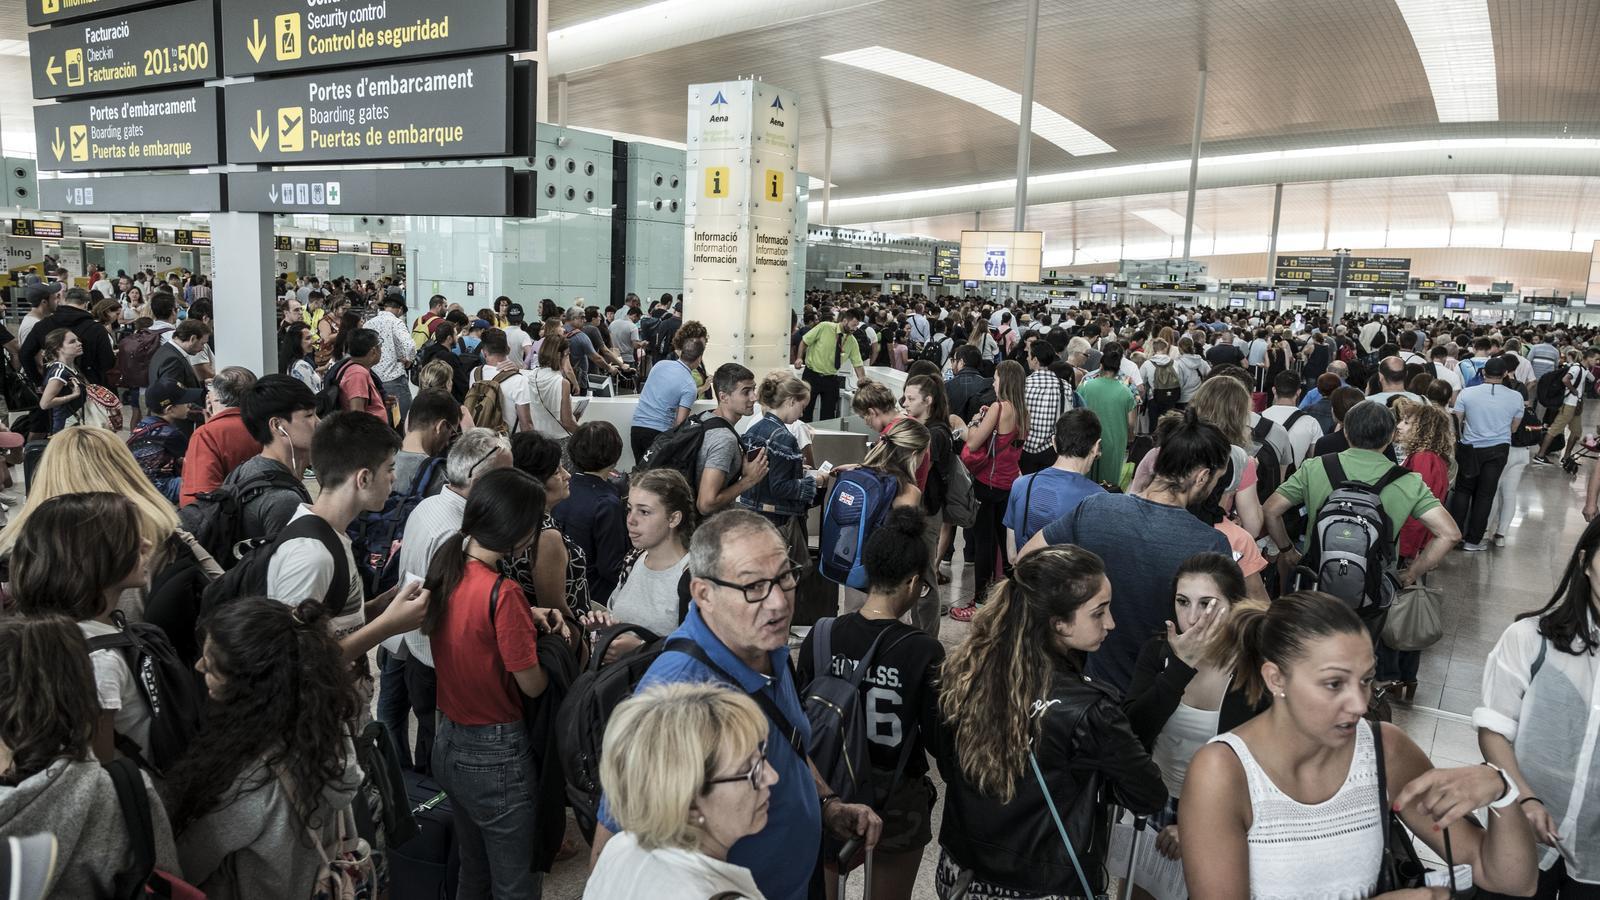 La gent s'acumula al control de seguretat de l'aeroport del Prat / XAVIER BERTRAL